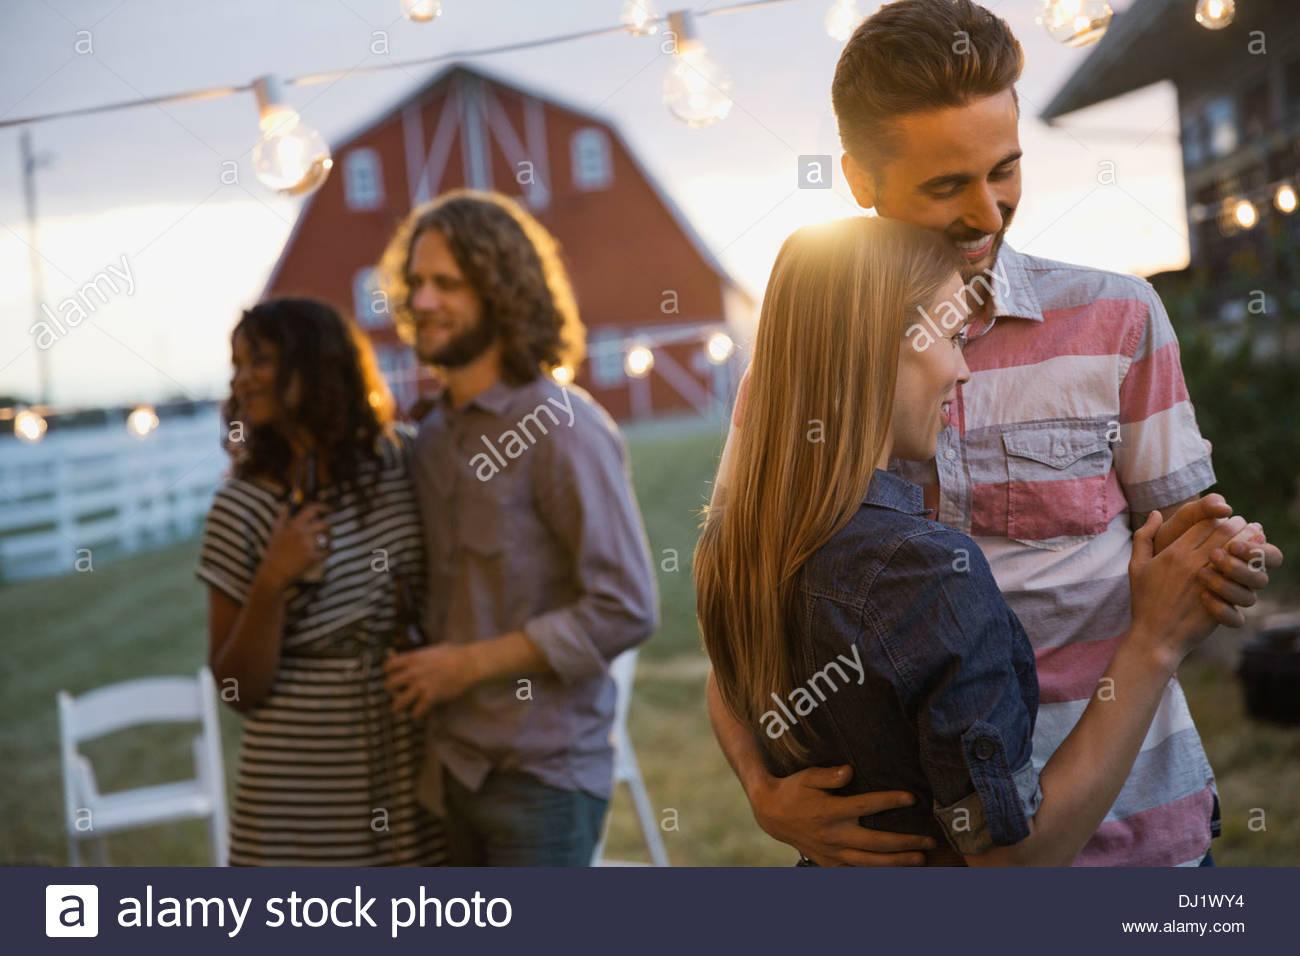 Junge Paare tanzen auf outdoor-Bereich in der Abenddämmerung Stockbild